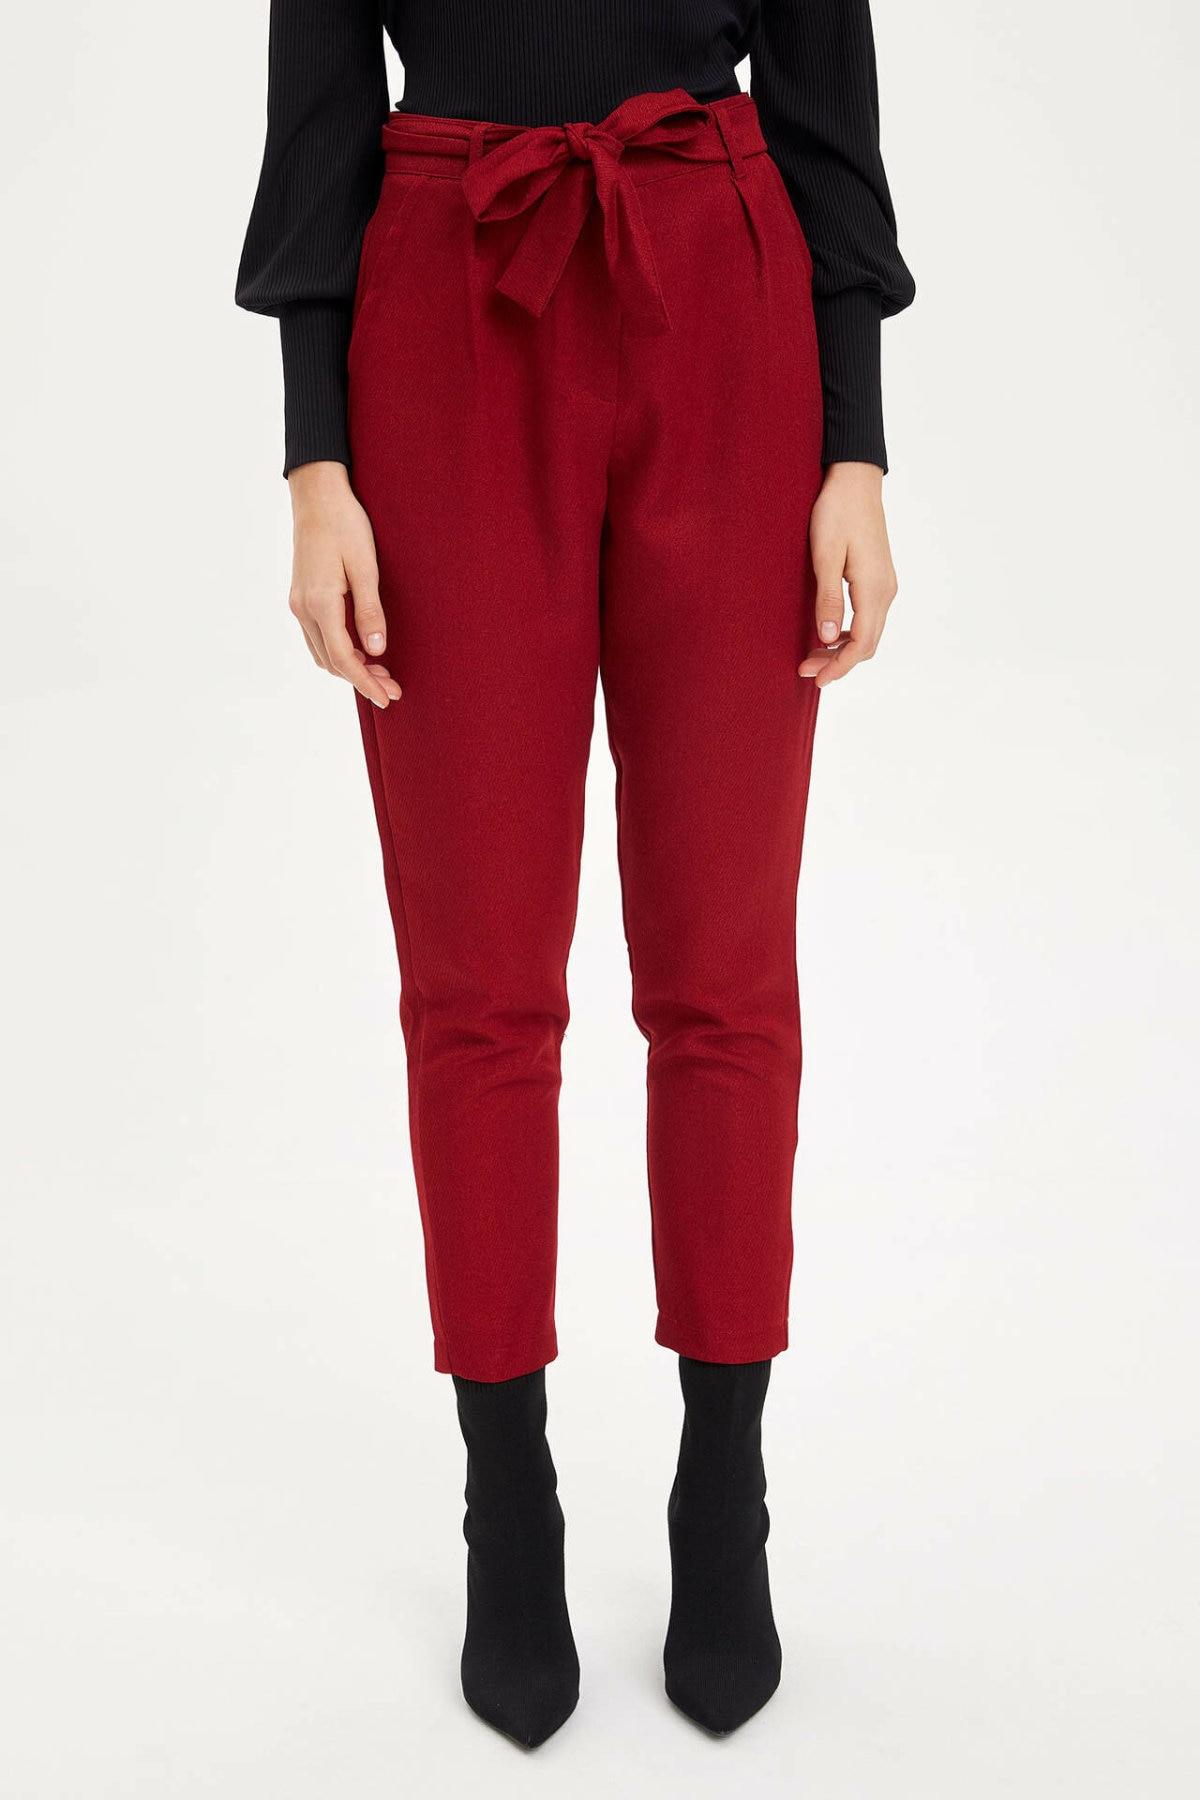 DeFacto Woman Winter Solid Color Harem Pants Women Casual Bowknot Decors Long Pants Women Black Red Bottoms Trousers-M8810AZ19WN